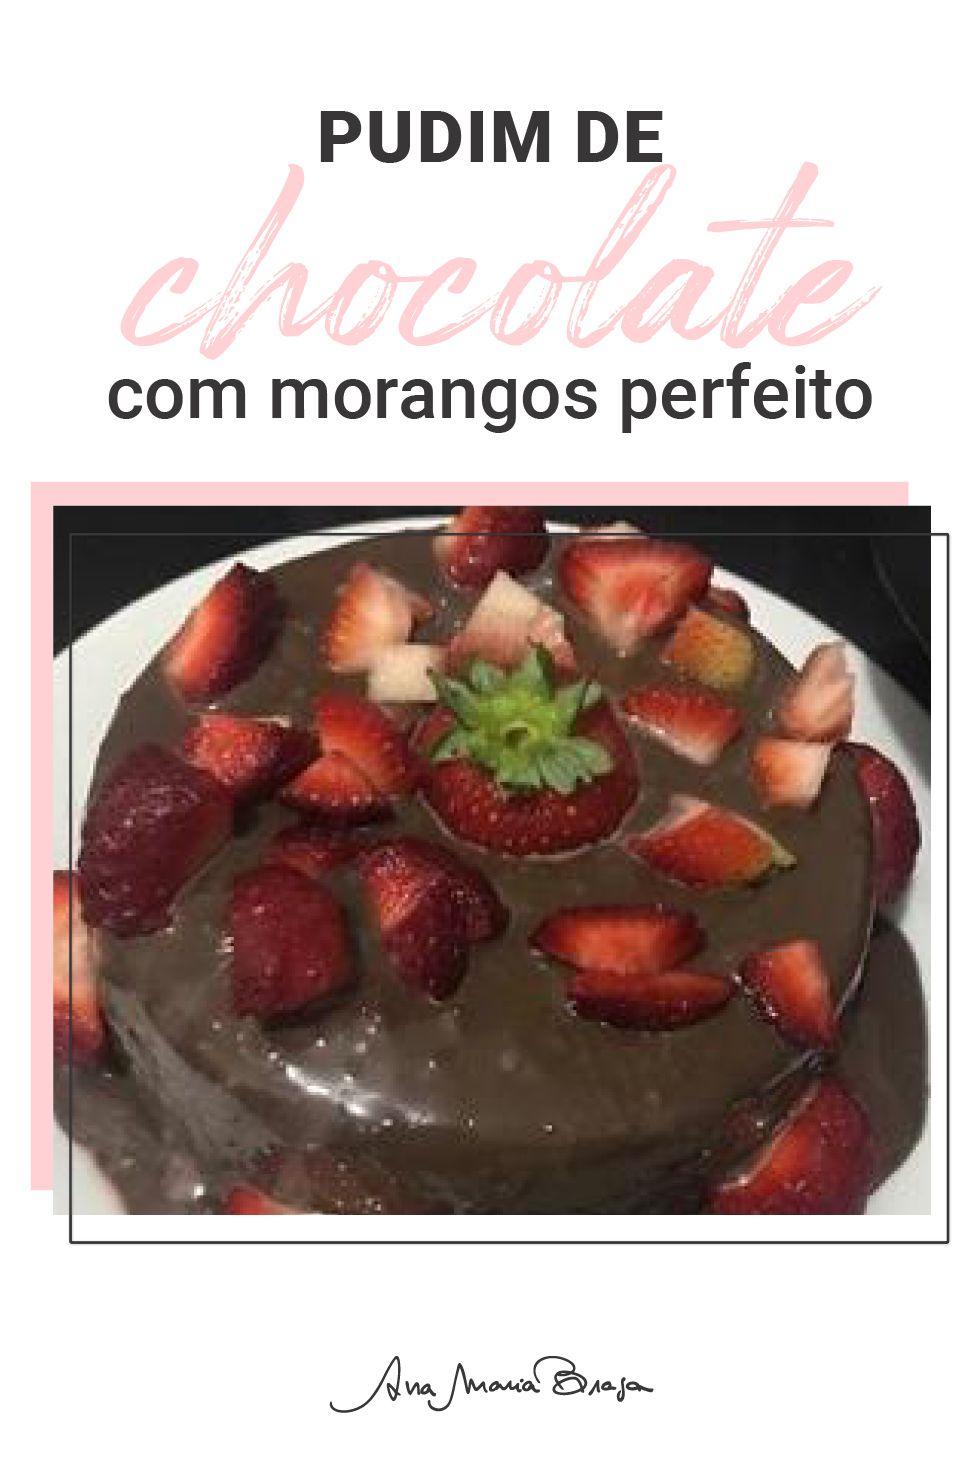 Pudim de chocolate com morangos perfeito